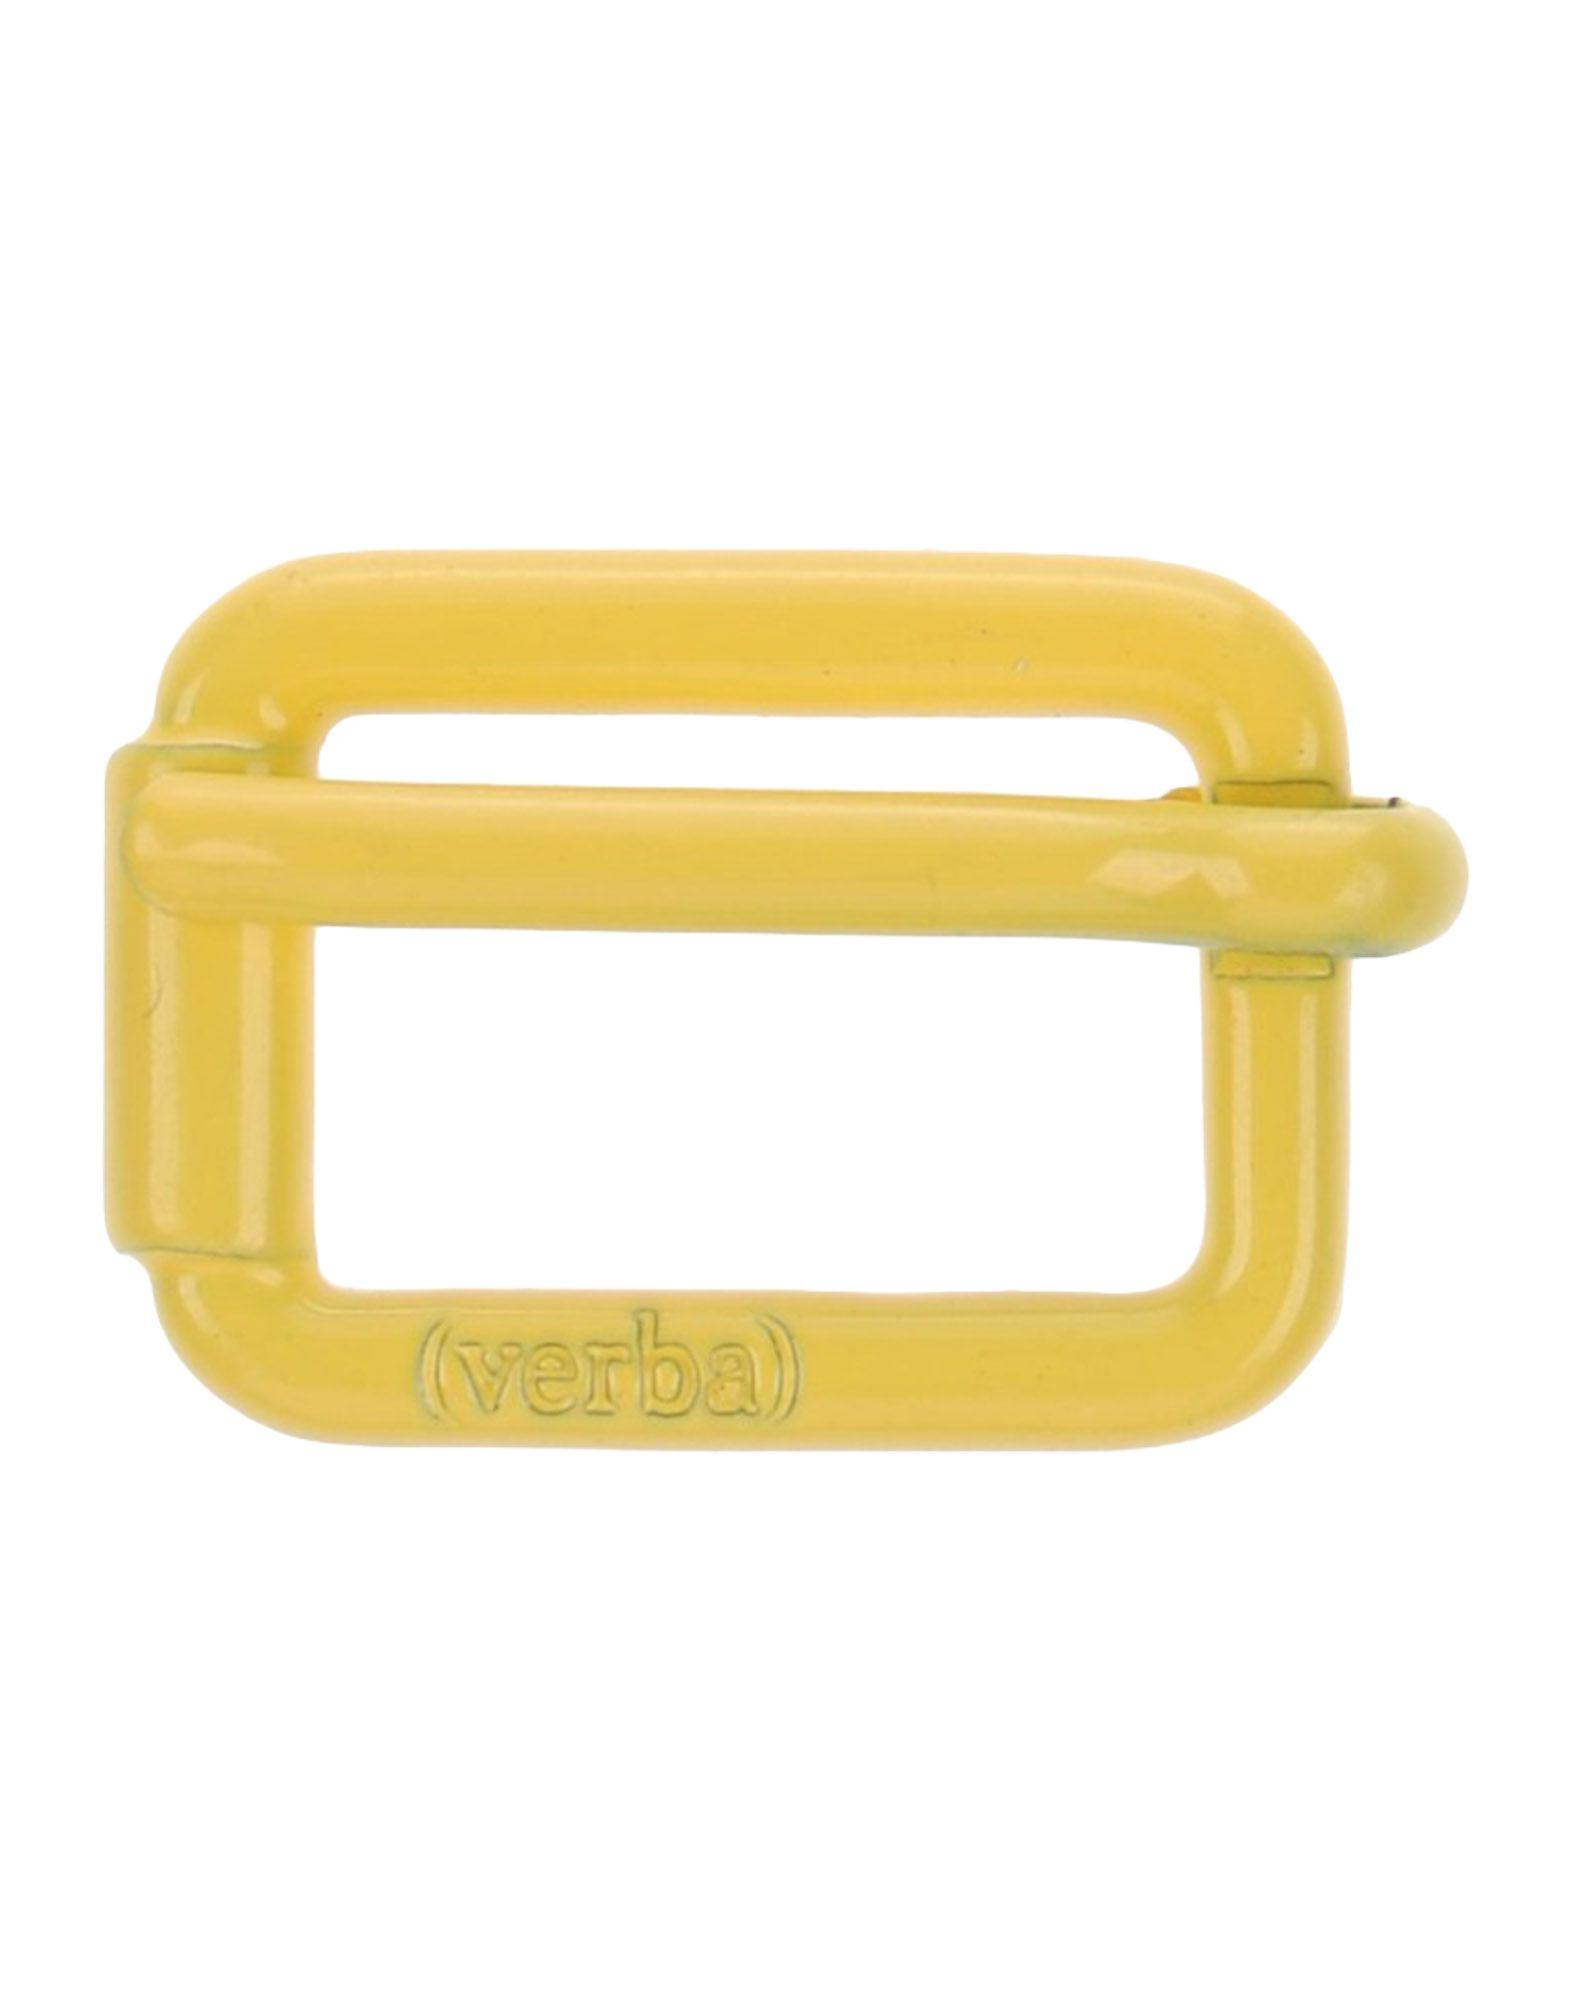 Verba (  ) Belt Buckles In Yellow